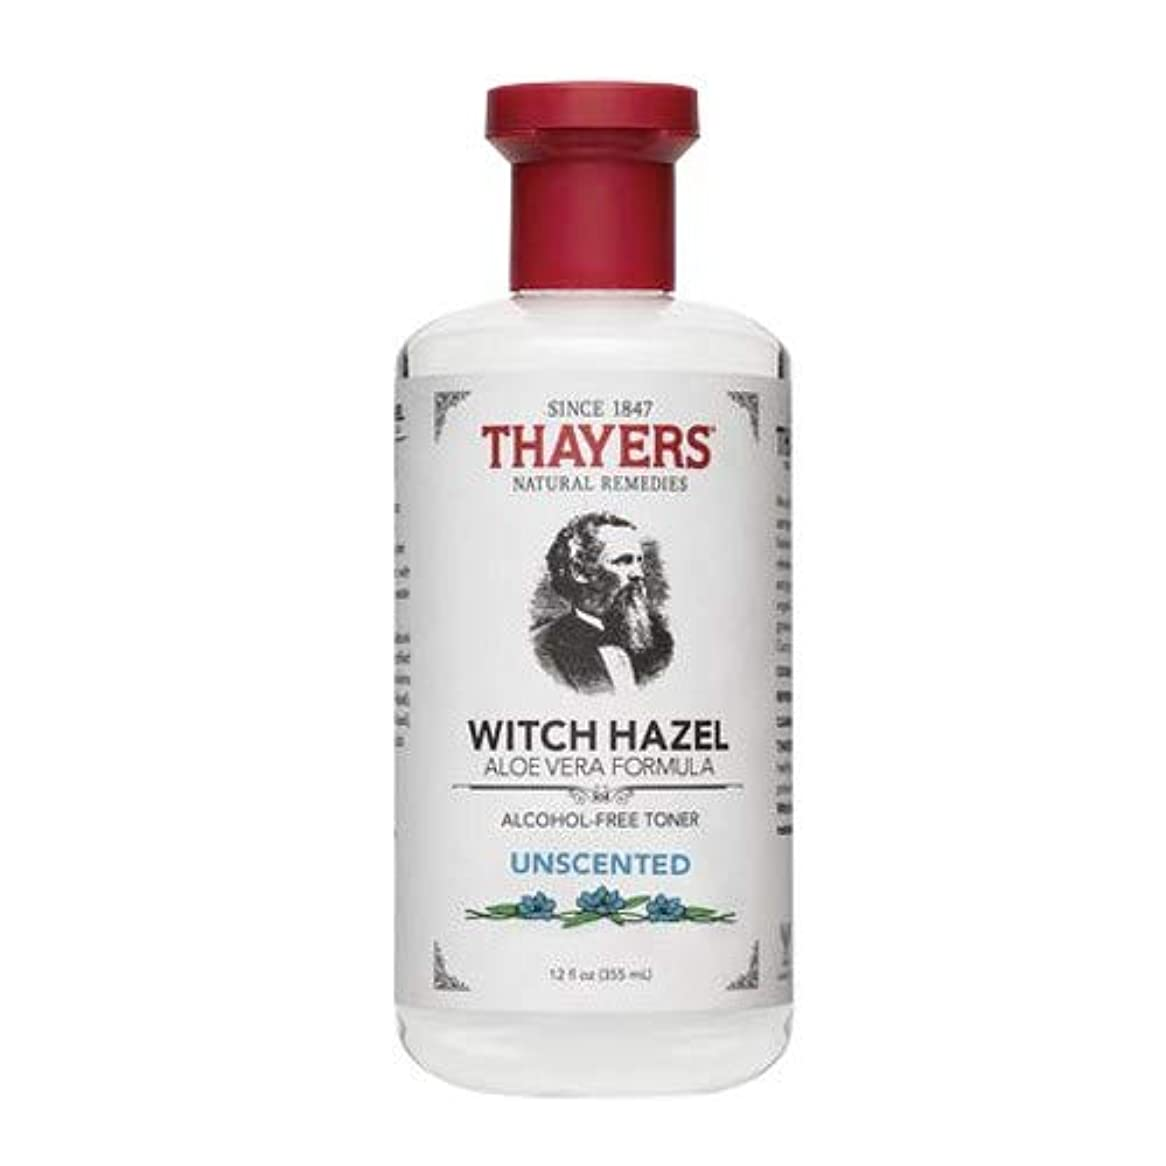 アセ権威規範Thayersアルコールフリー無香料ウィッチヘーゼルトナー( 12oz。)